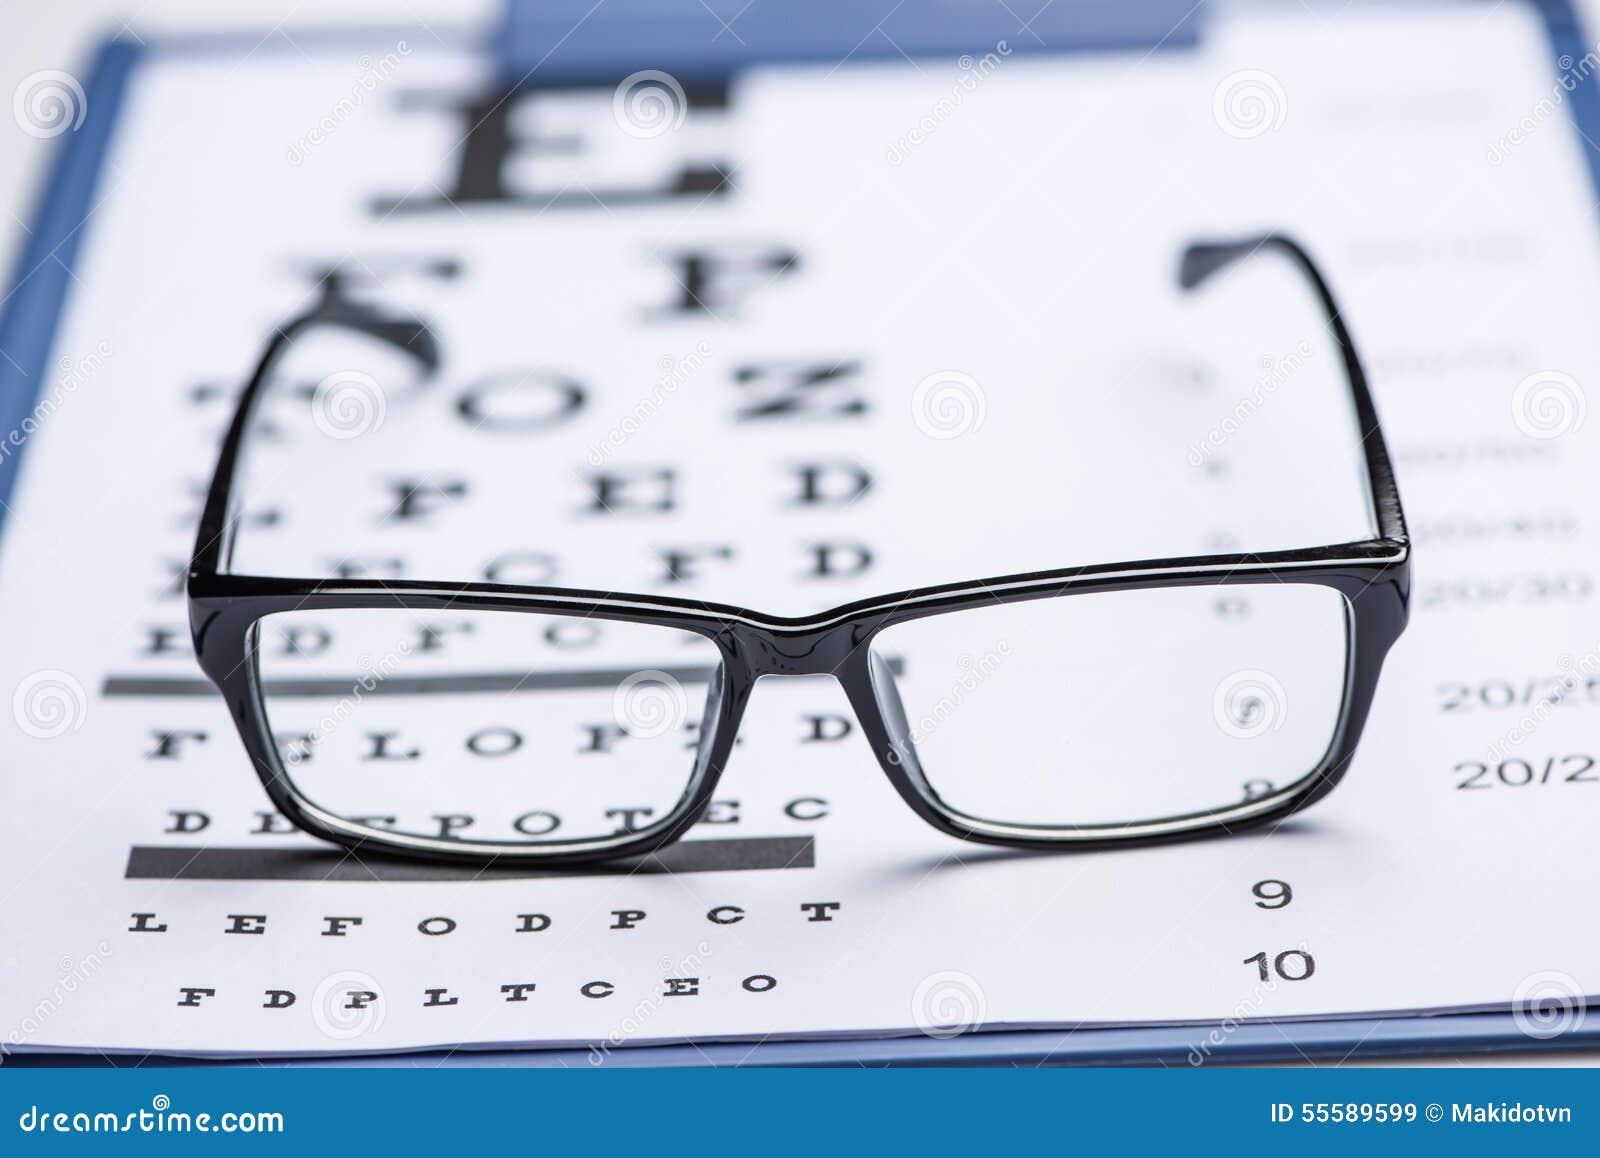 Reading Glasses On Eye Chart Stock Image Image Of Eyeglasses